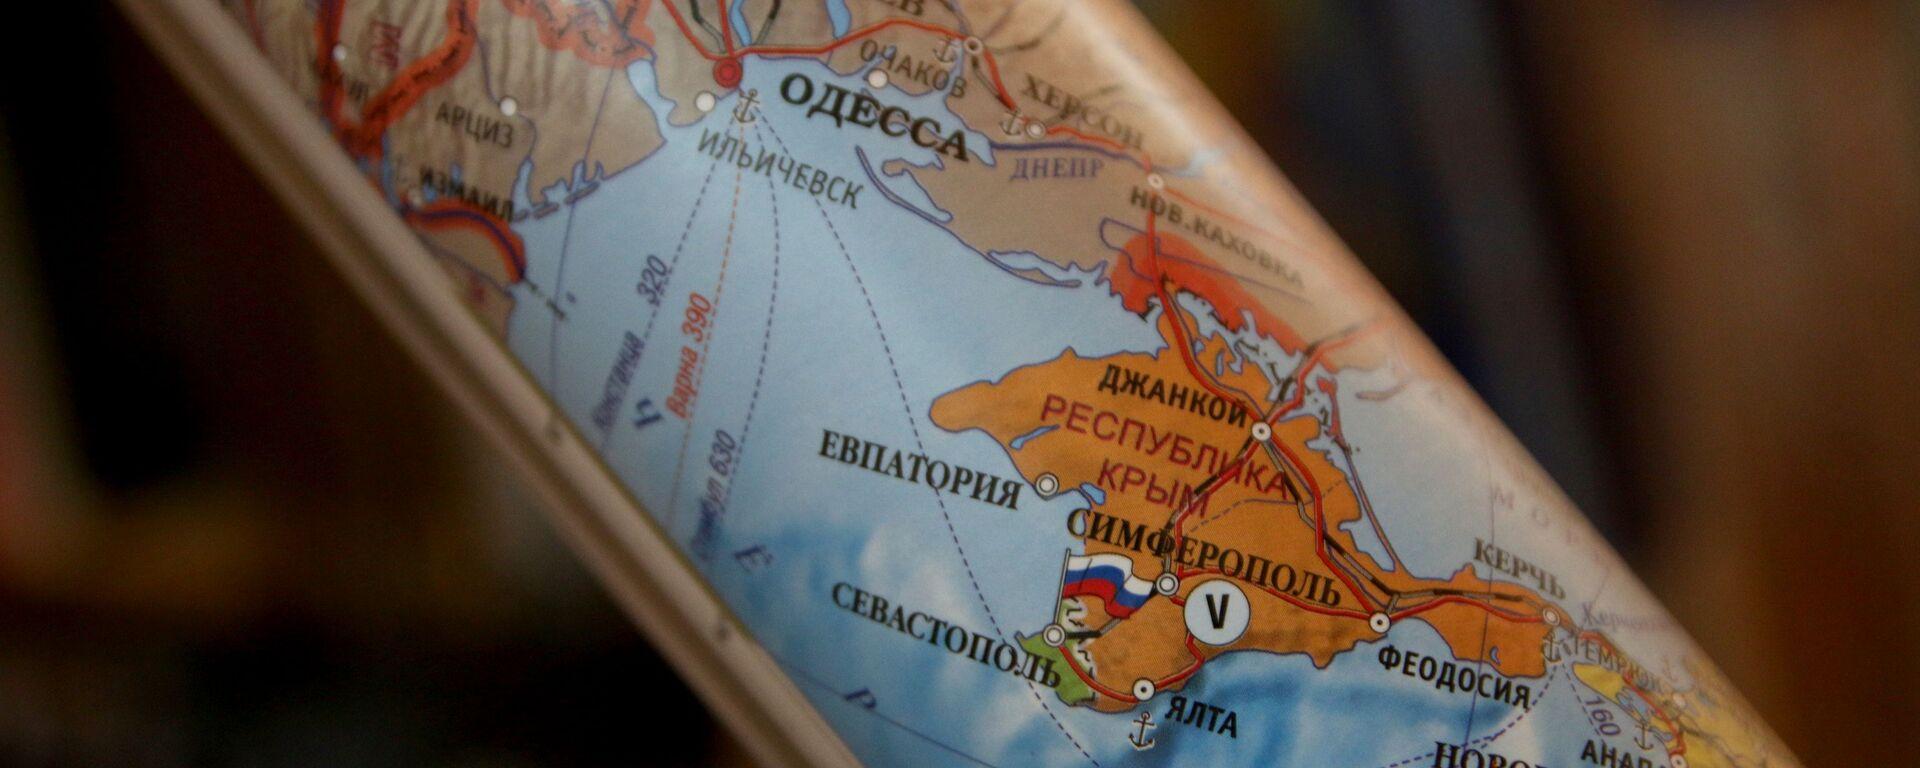 Крым на карте - Sputnik Latvija, 1920, 22.08.2021